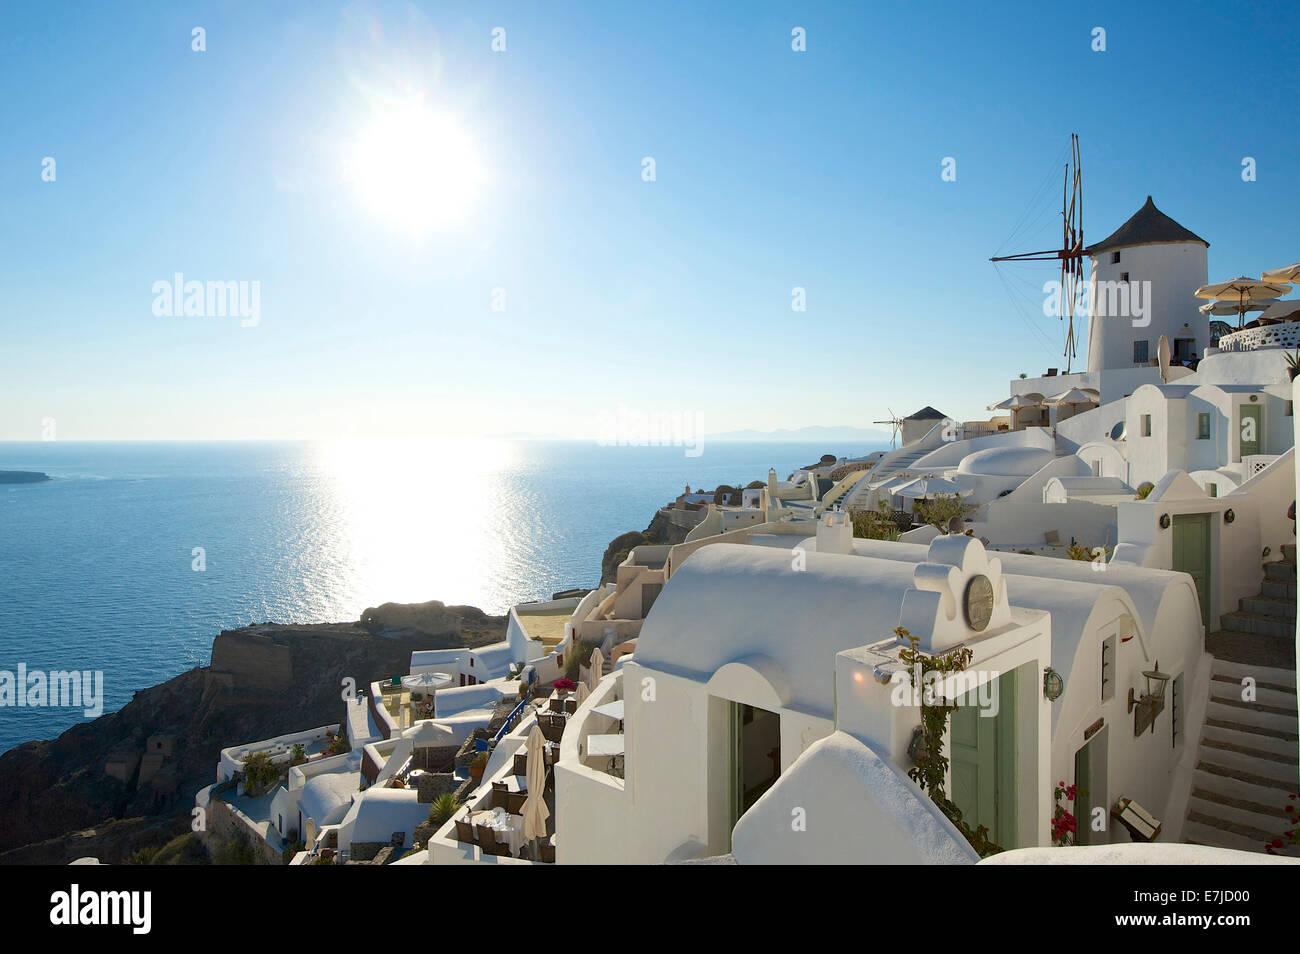 Griechenland, Europa, Cyclades, Insel, Insel, Inseln, griechische, außerhalb, Mittelmeer, Tag, niemand, Santorin, Stockbild